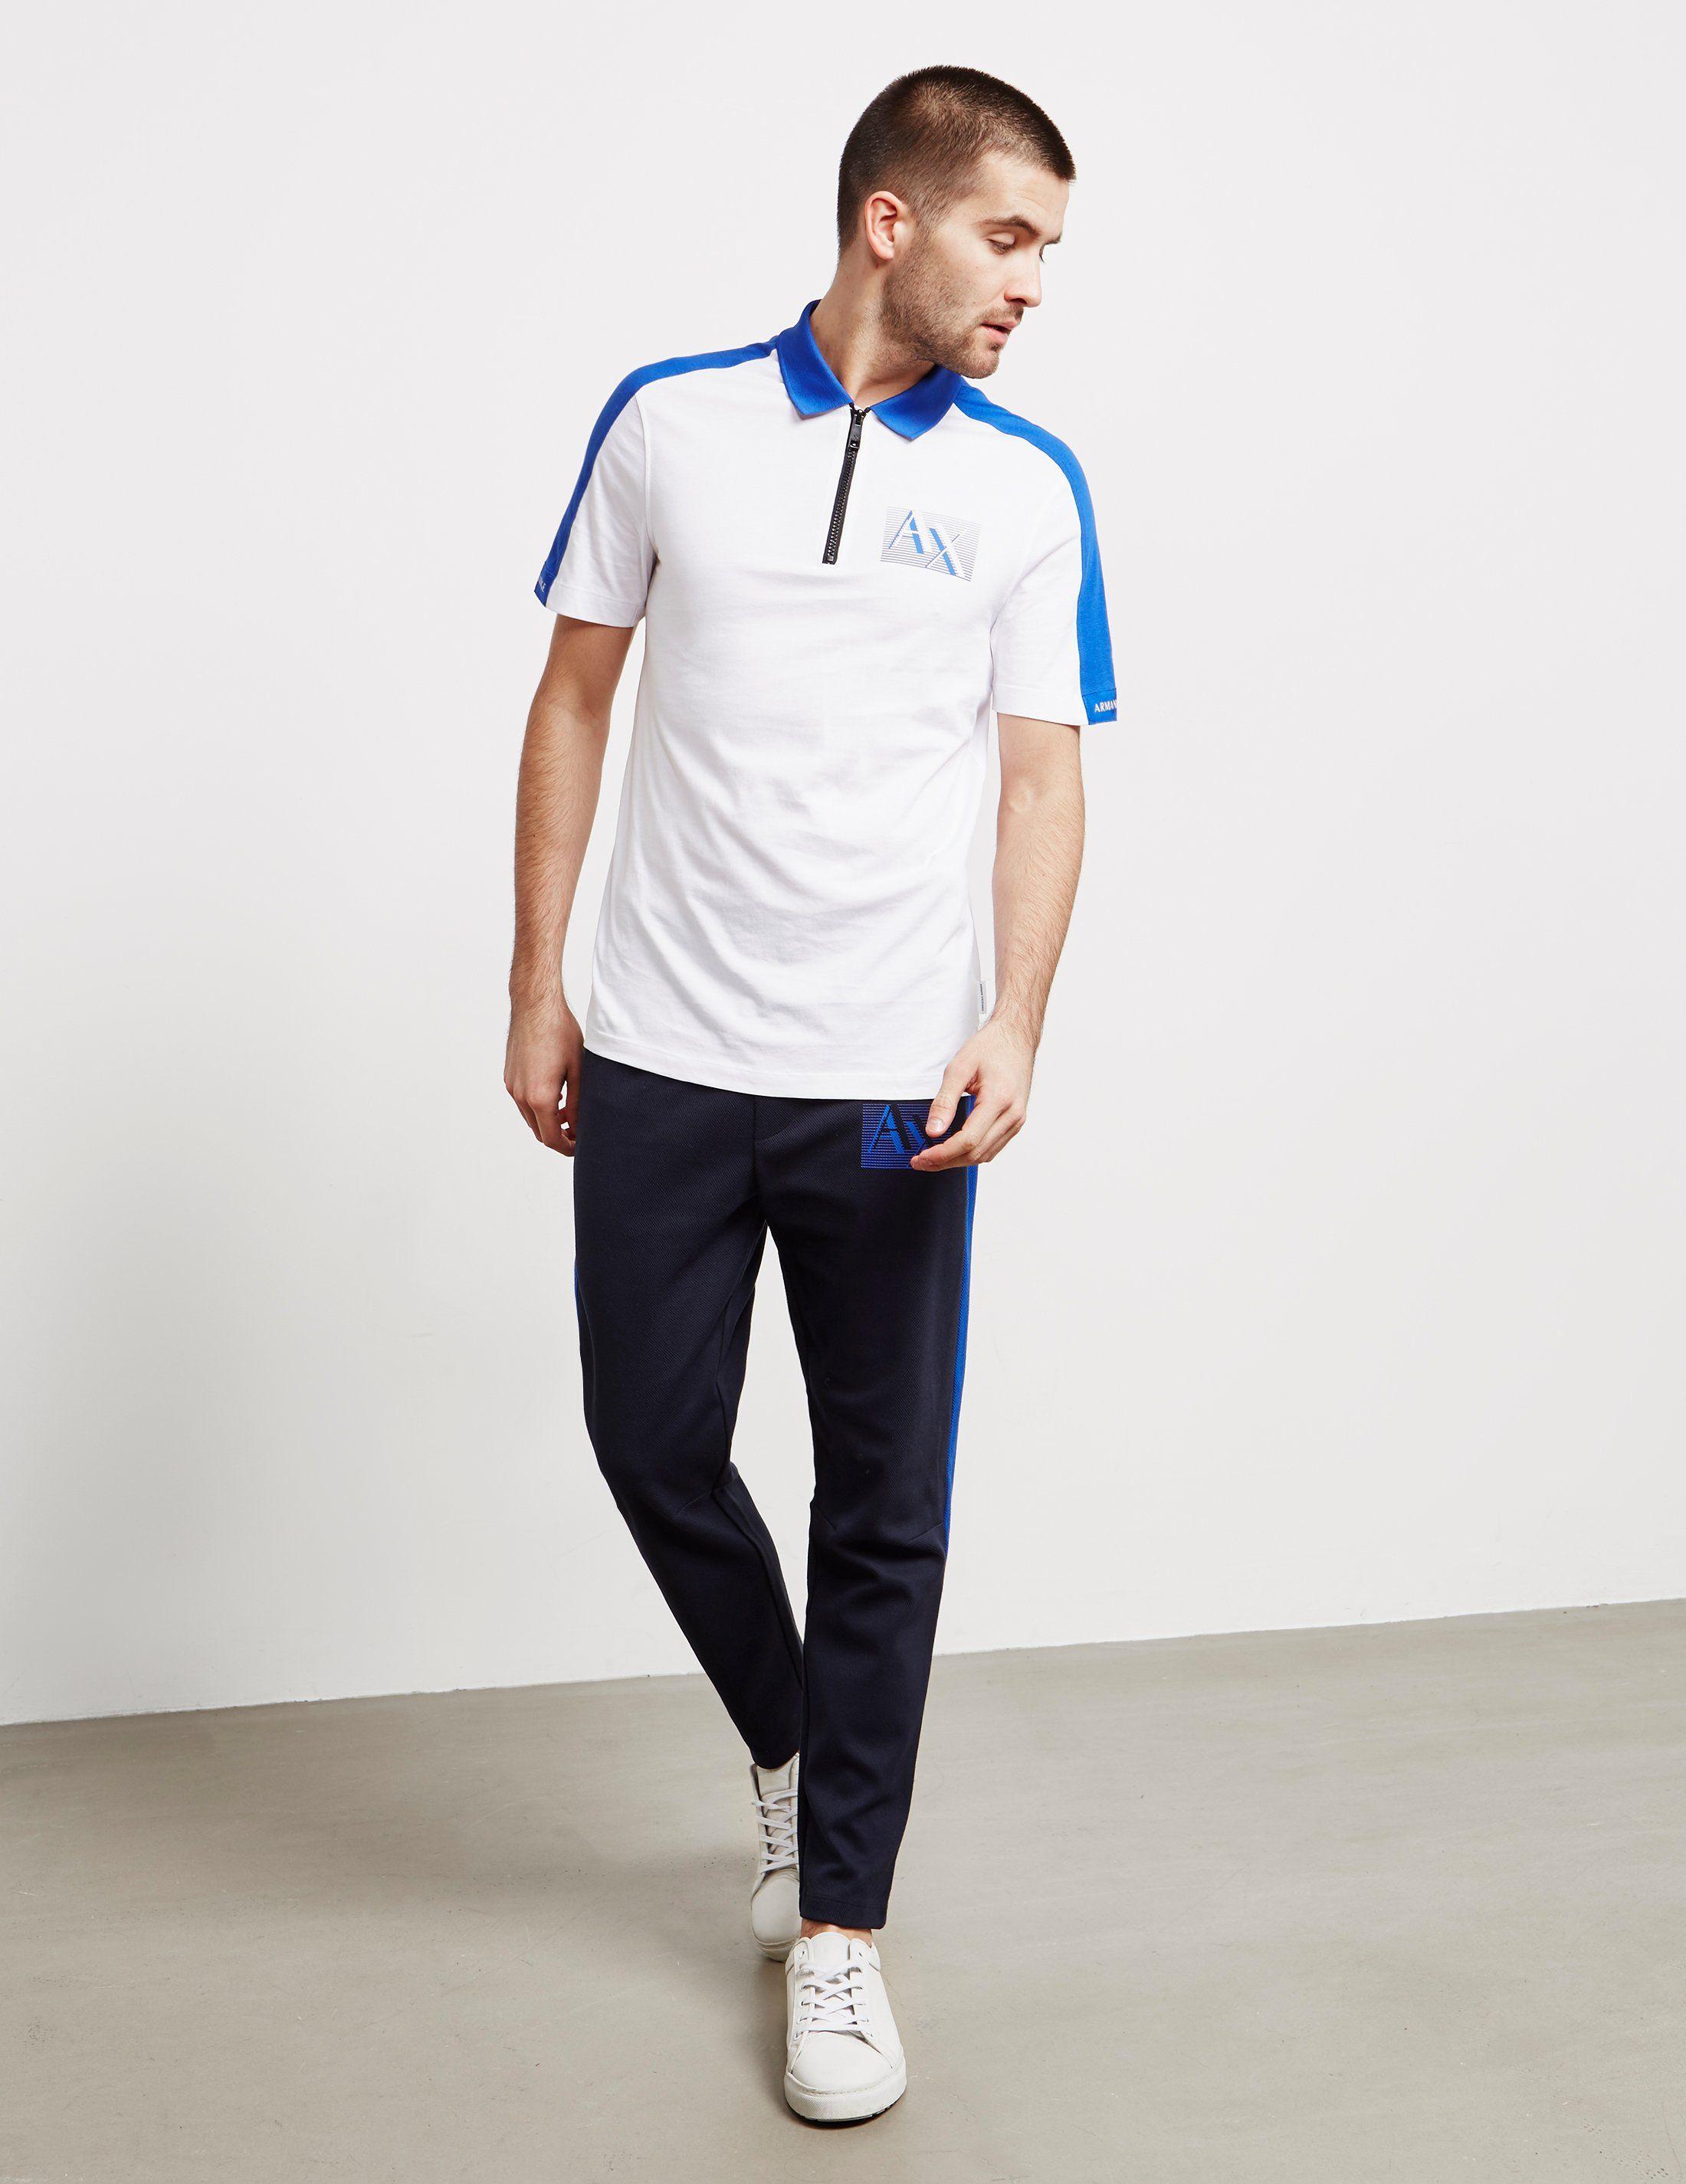 Armani Exchange Zip Short Sleeve Polo Shirt - Online Exclusive